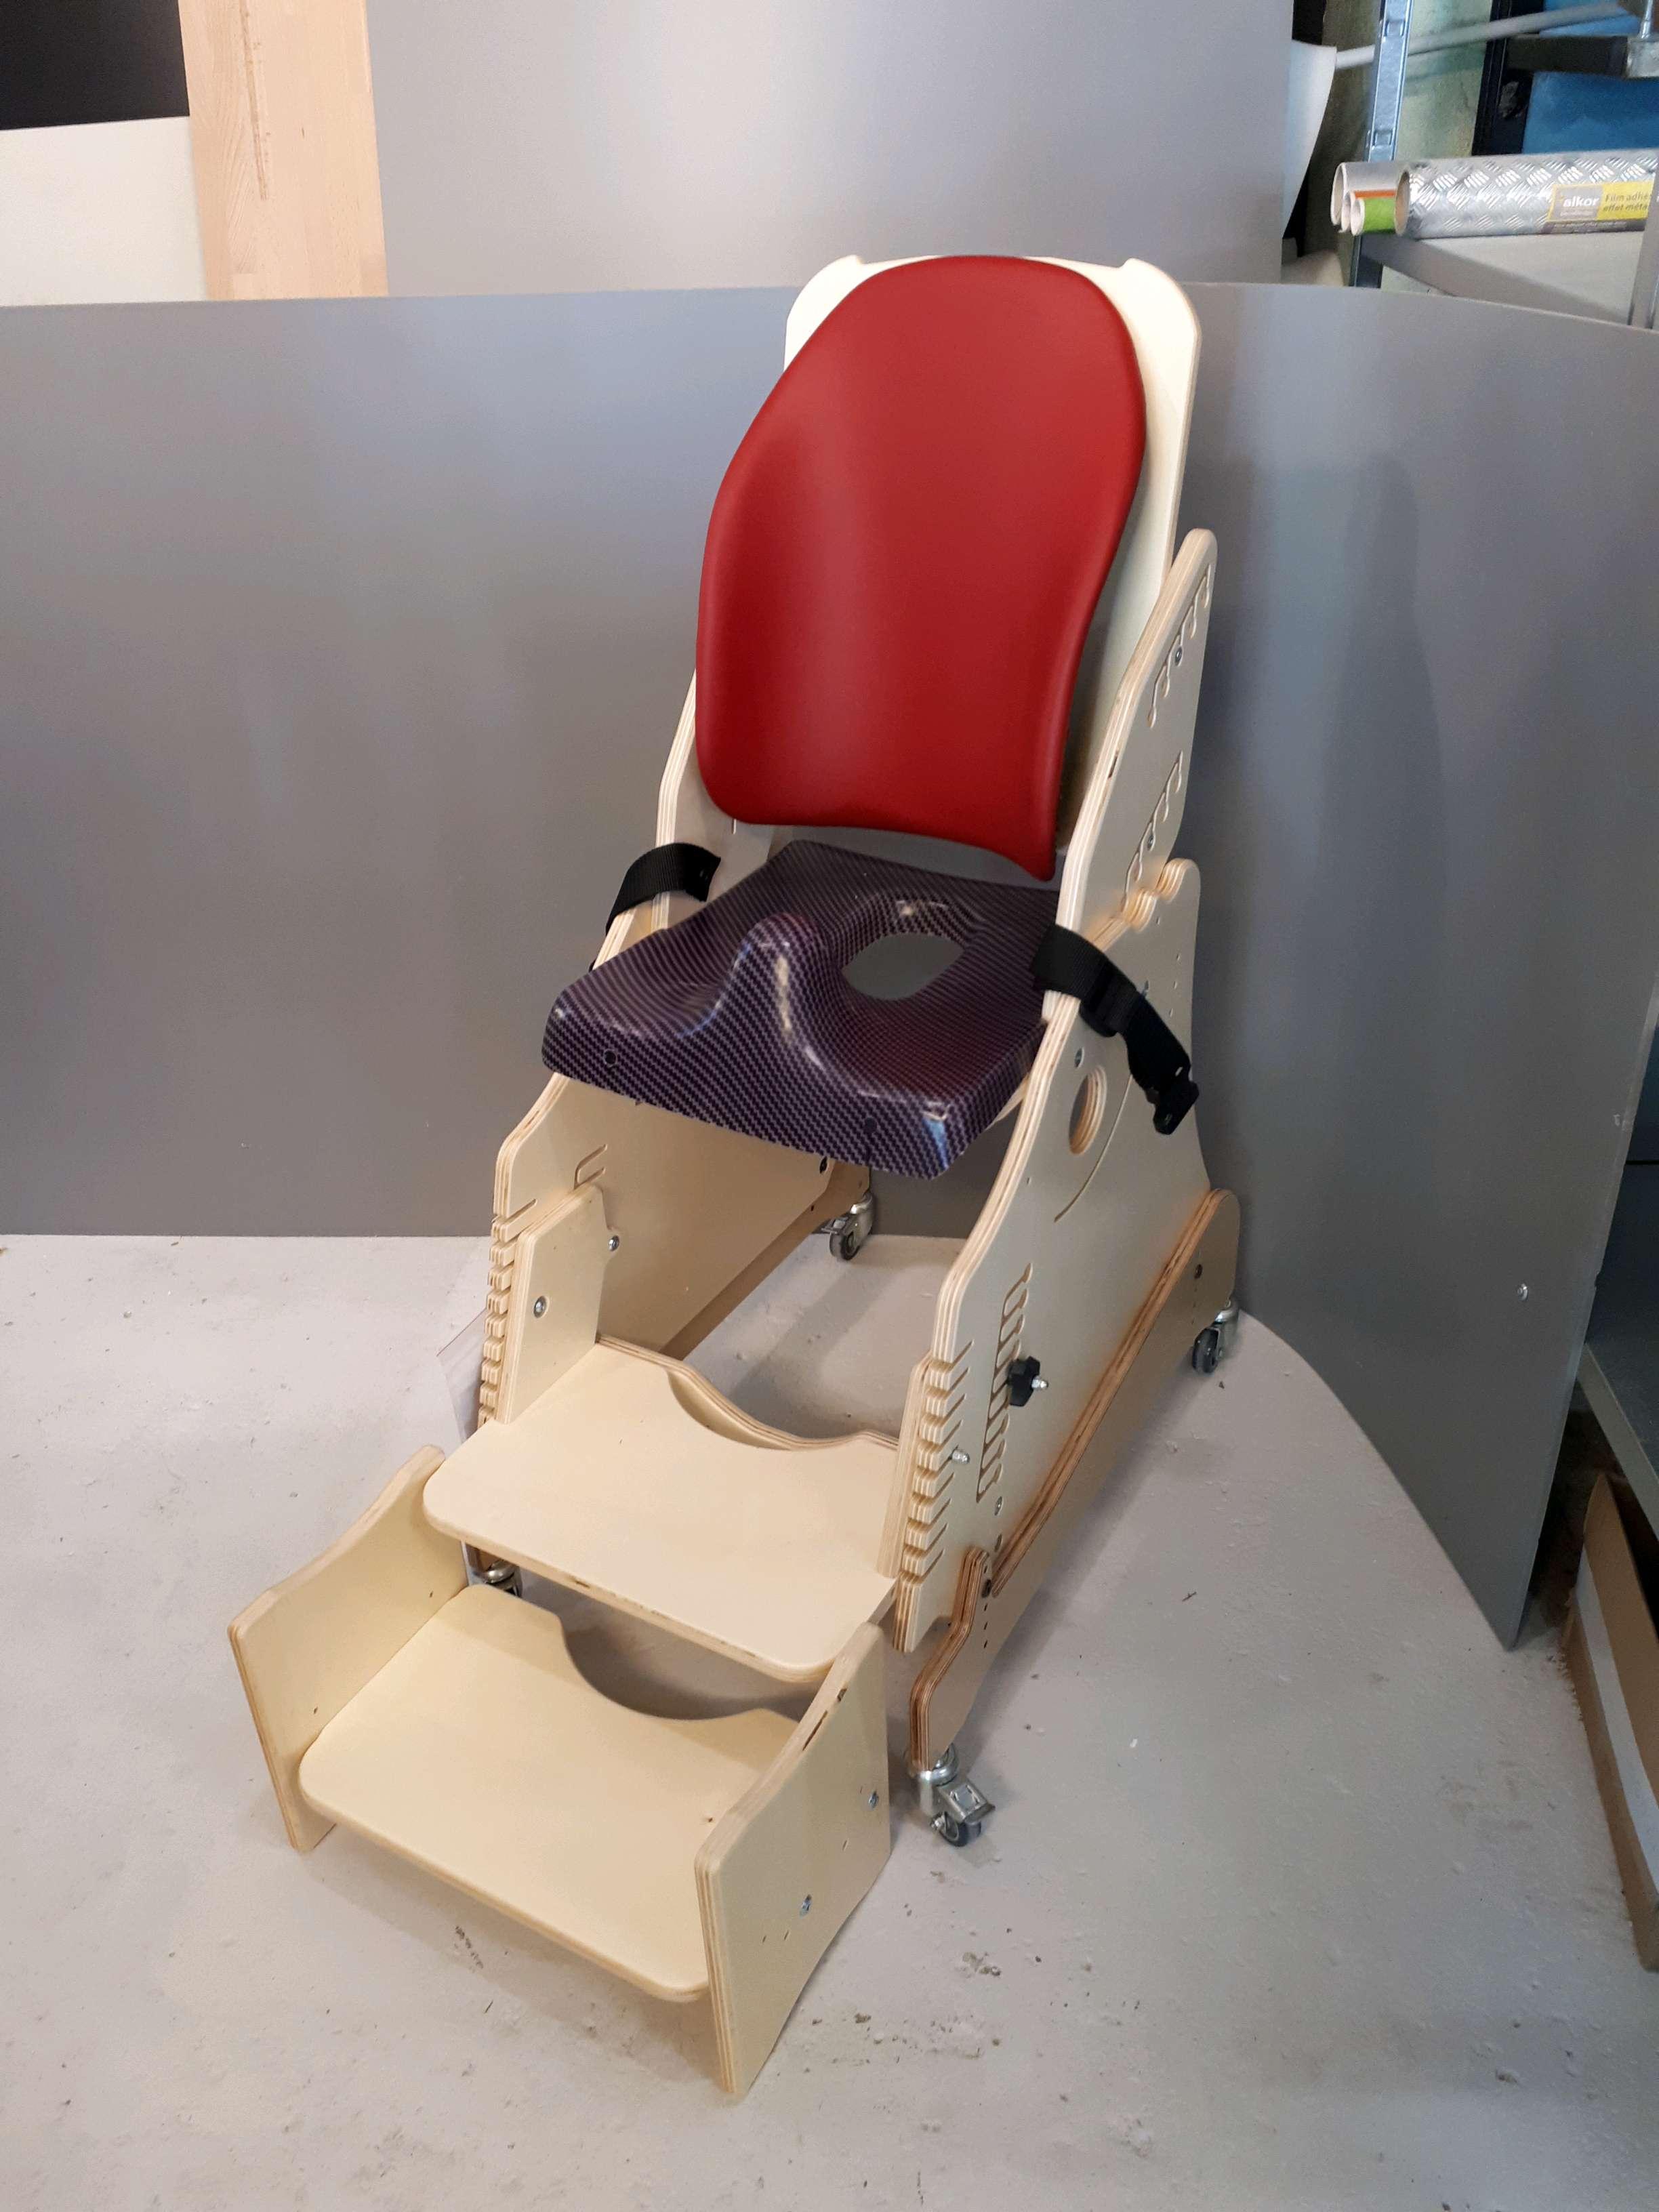 le siege wc hugo de becky 9 ans gabamousse mobilier adapt pour enfants handicap s. Black Bedroom Furniture Sets. Home Design Ideas